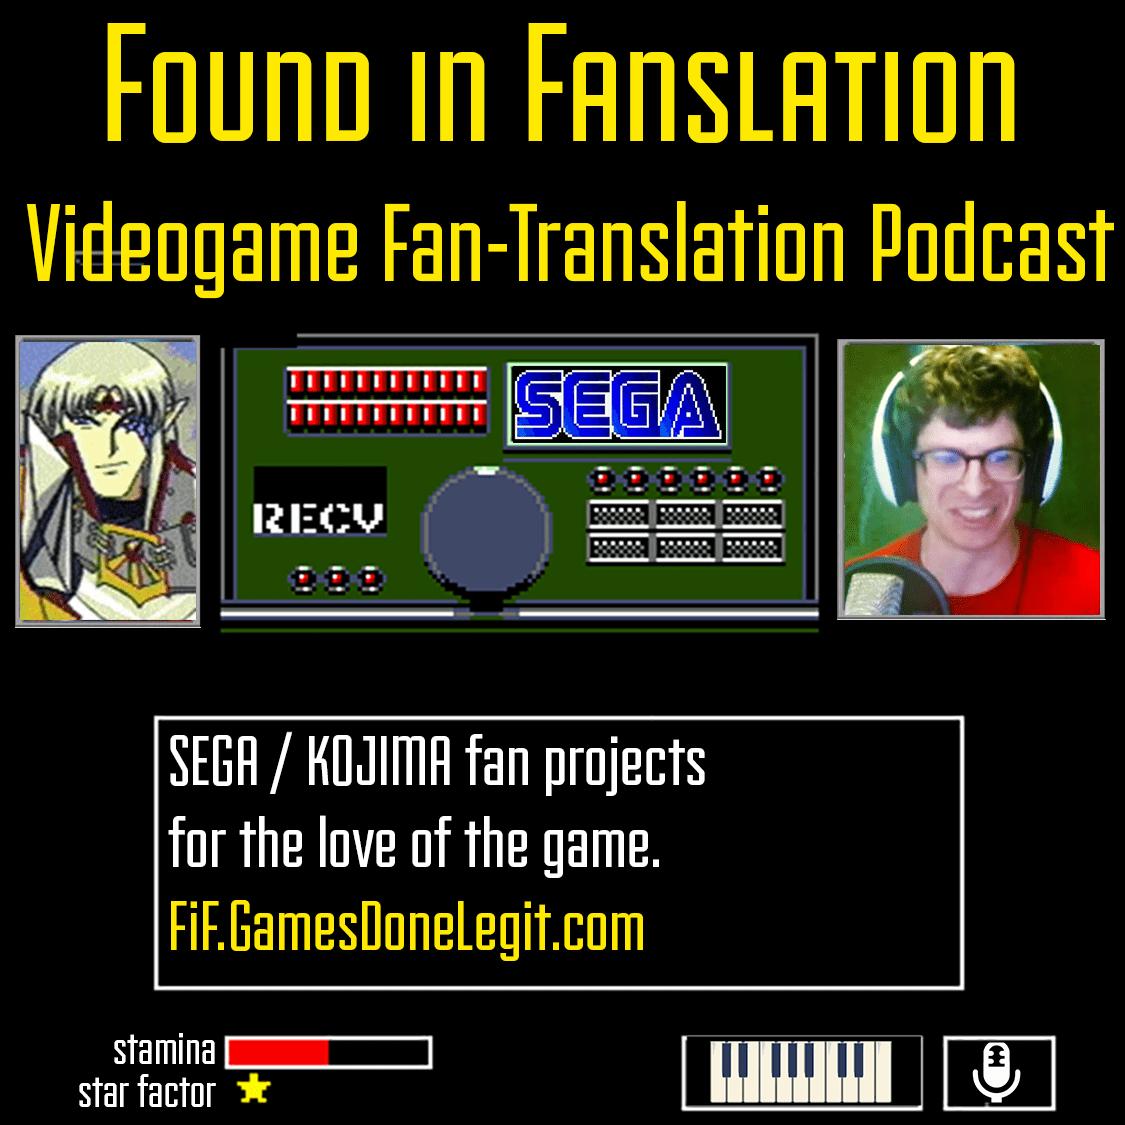 Found in Fanslation podcast Banner about retrogame SEGA fan translations